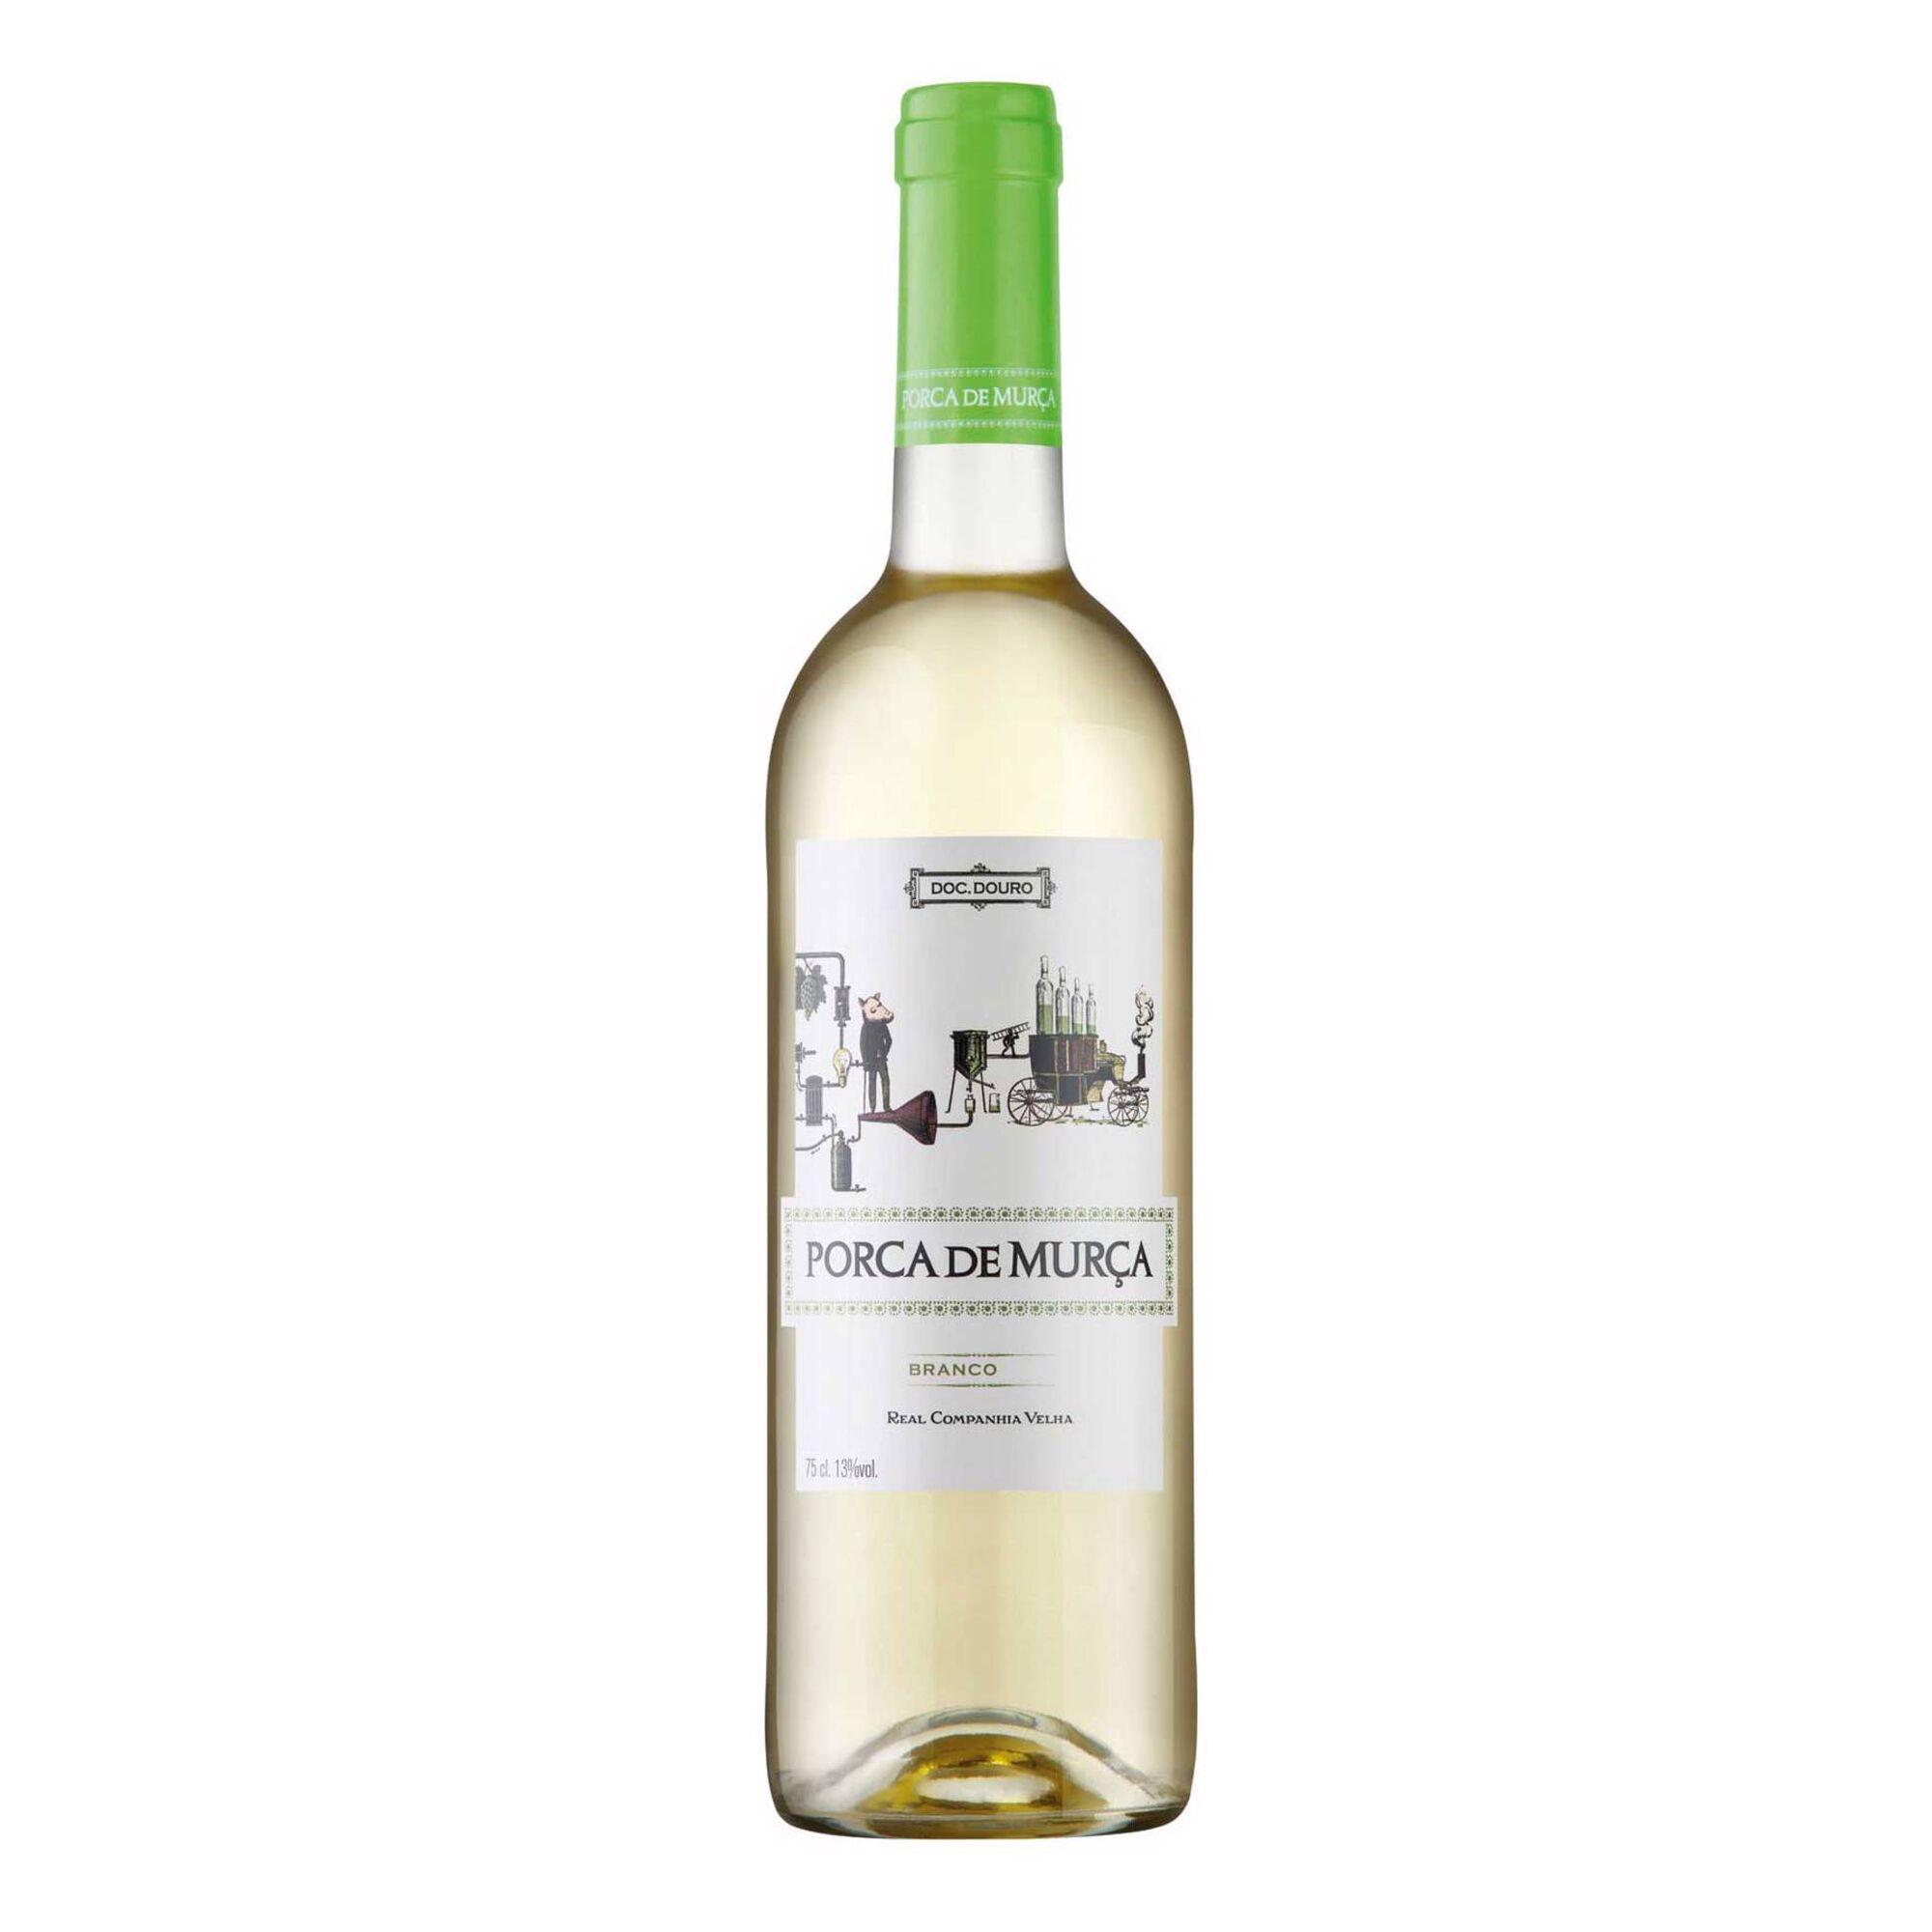 Porca de Murça DOC Douro Vinho Branco